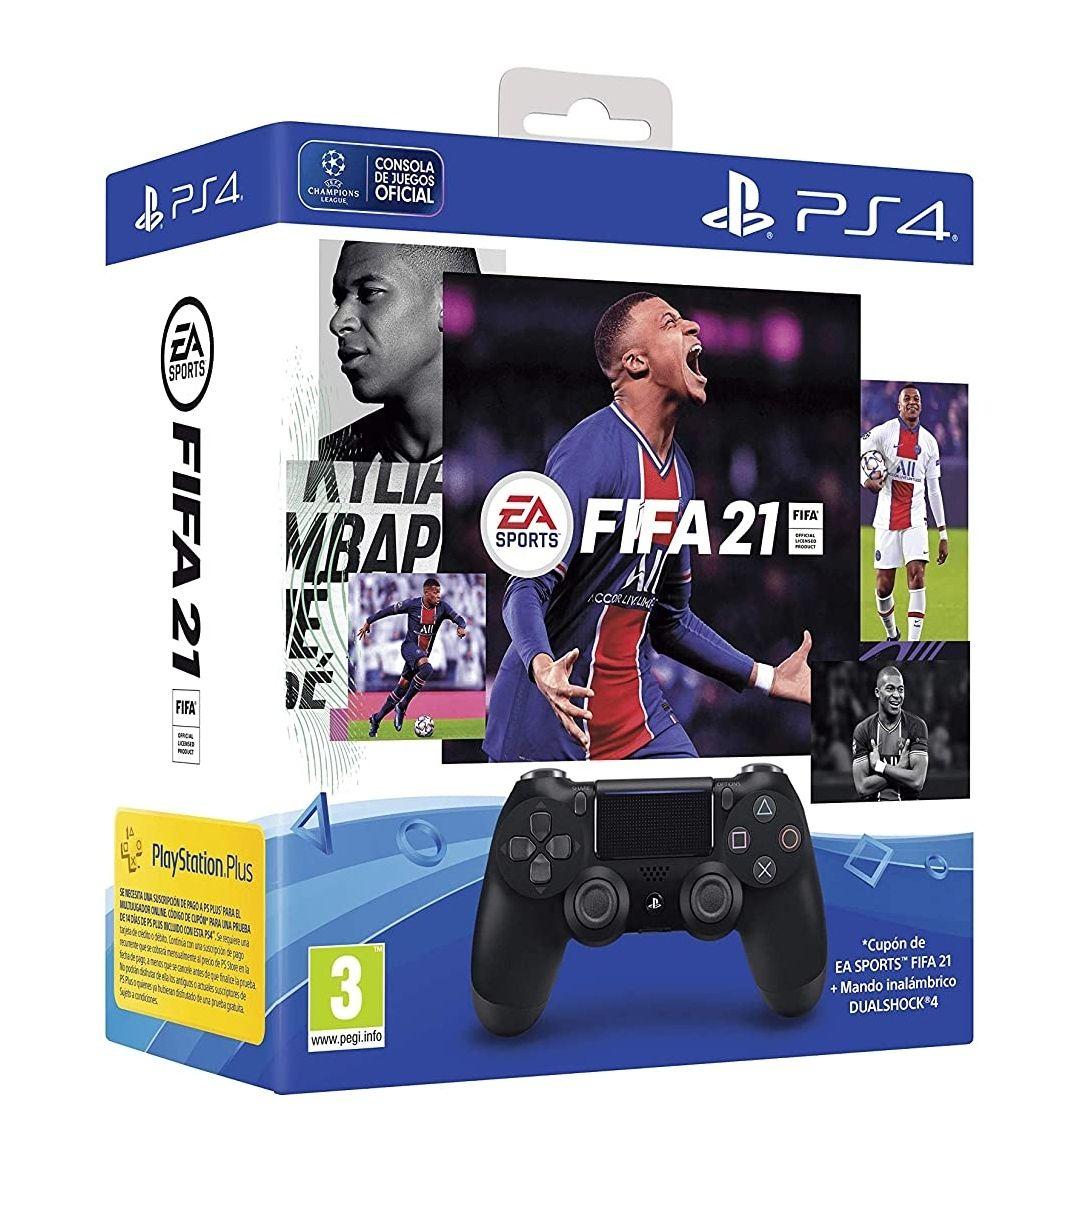 Mando Original PS4 + FIFA 21